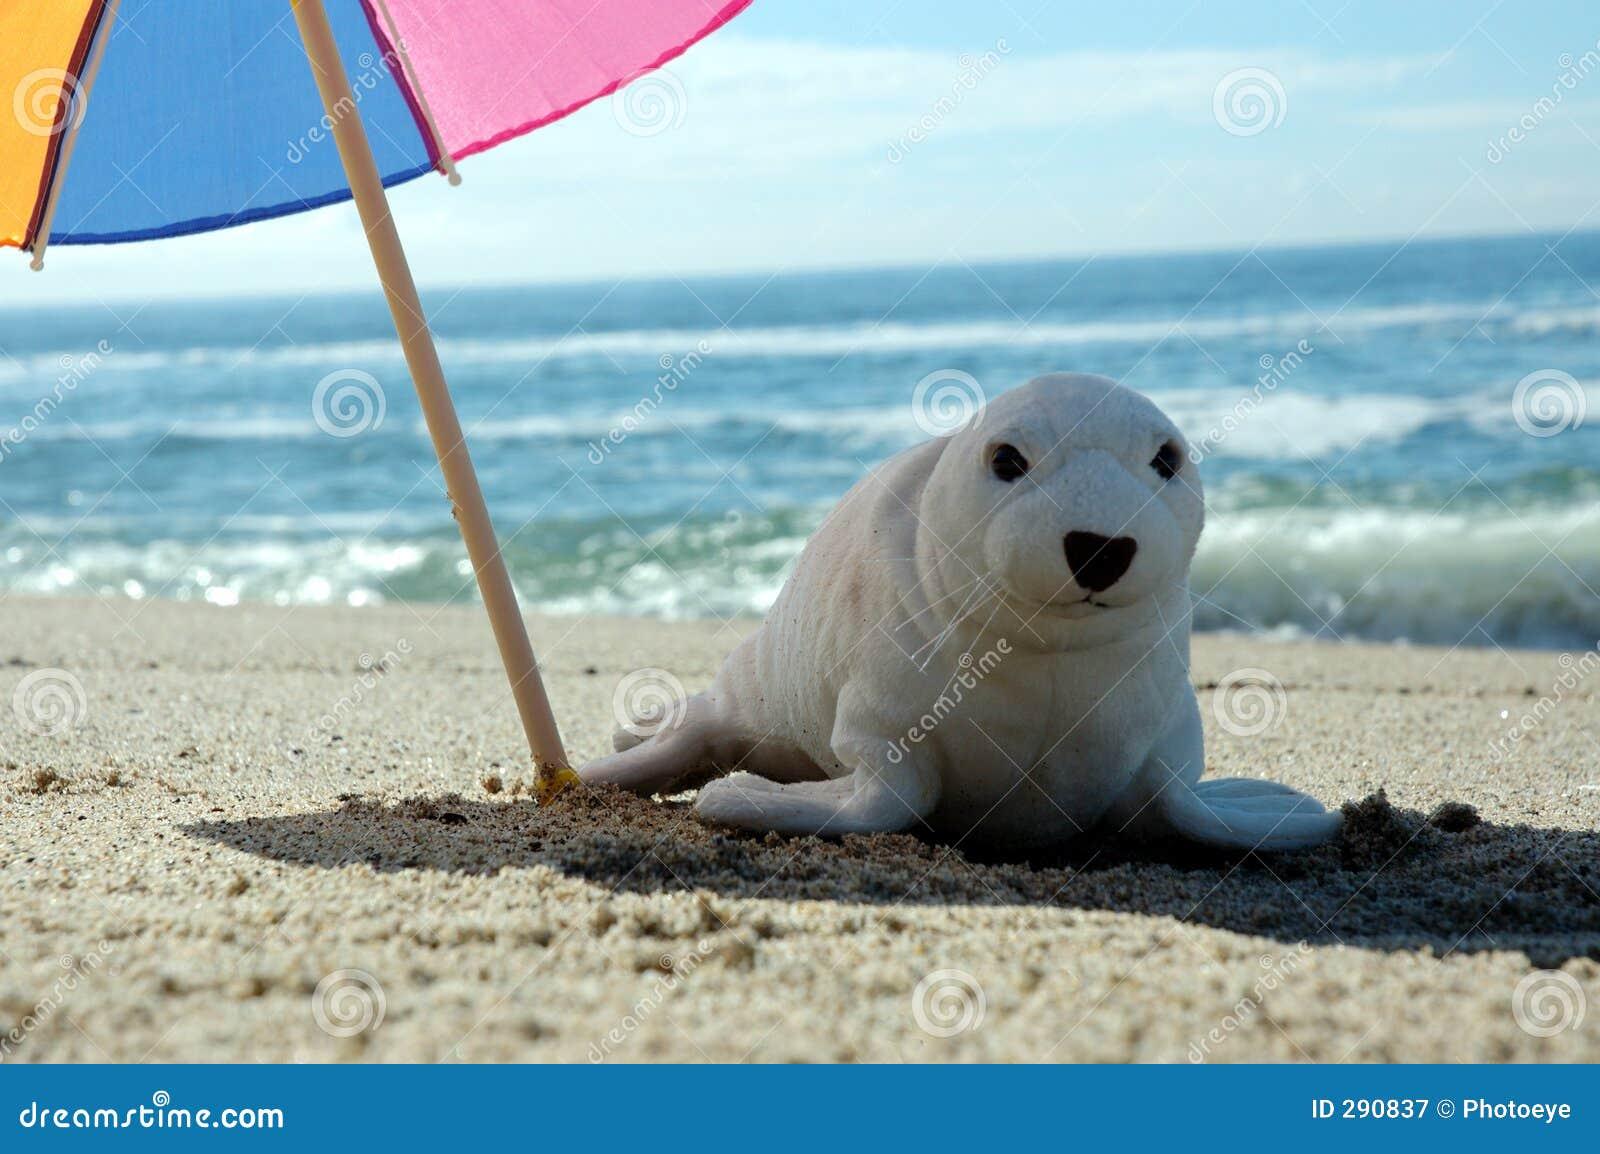 Seal and umbrella 3